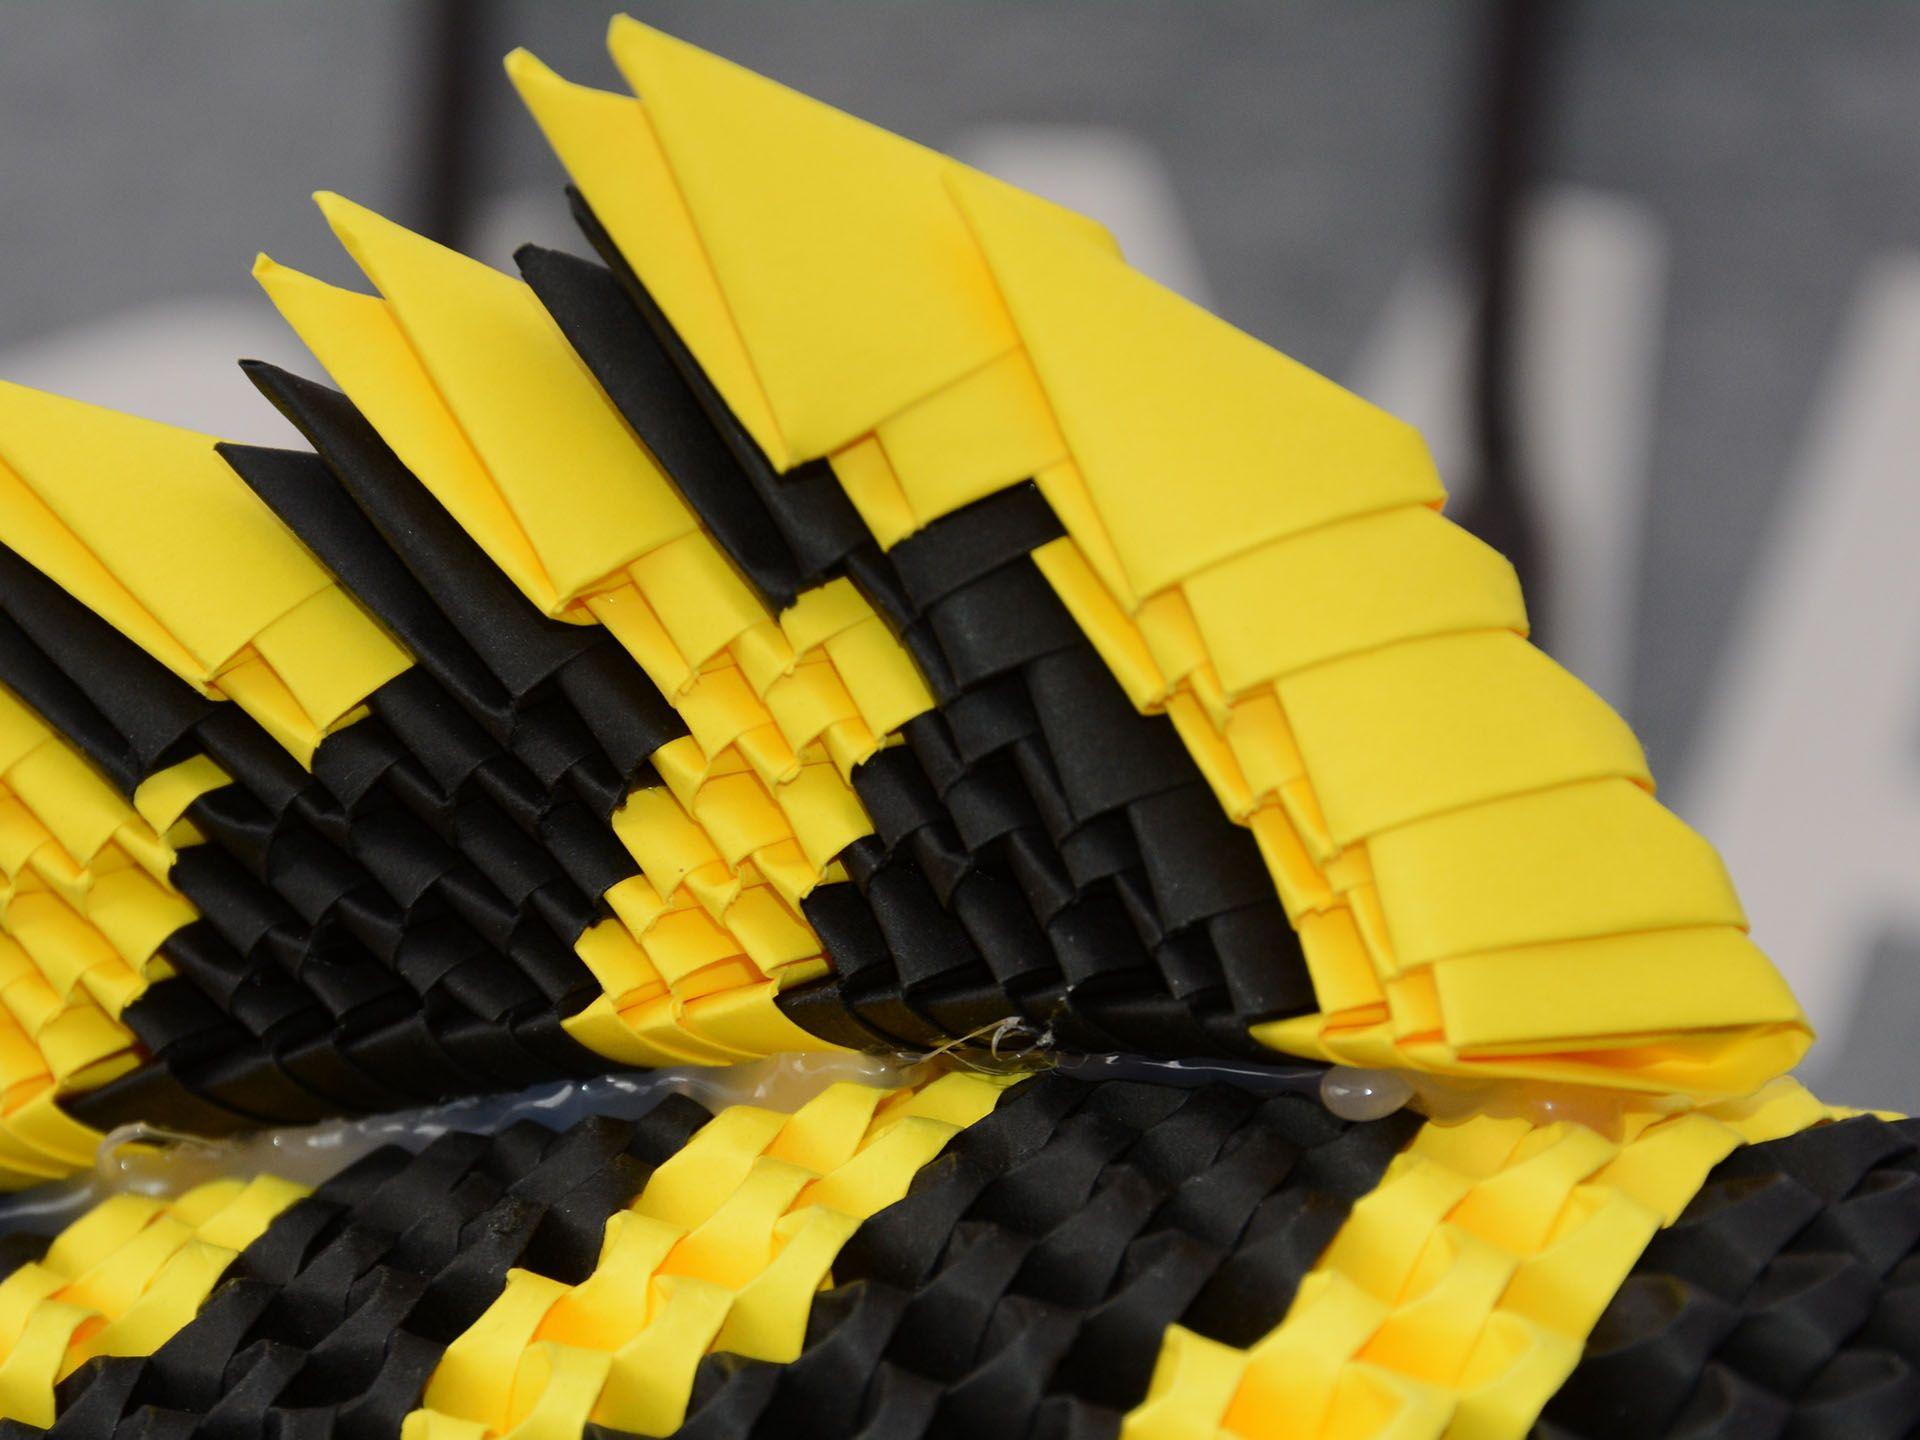 ugyanis ez egy origami hal, pici papír kockákból hajtogatva. Hihetetlenül szép és részletgazdag munka! Köszönjük!